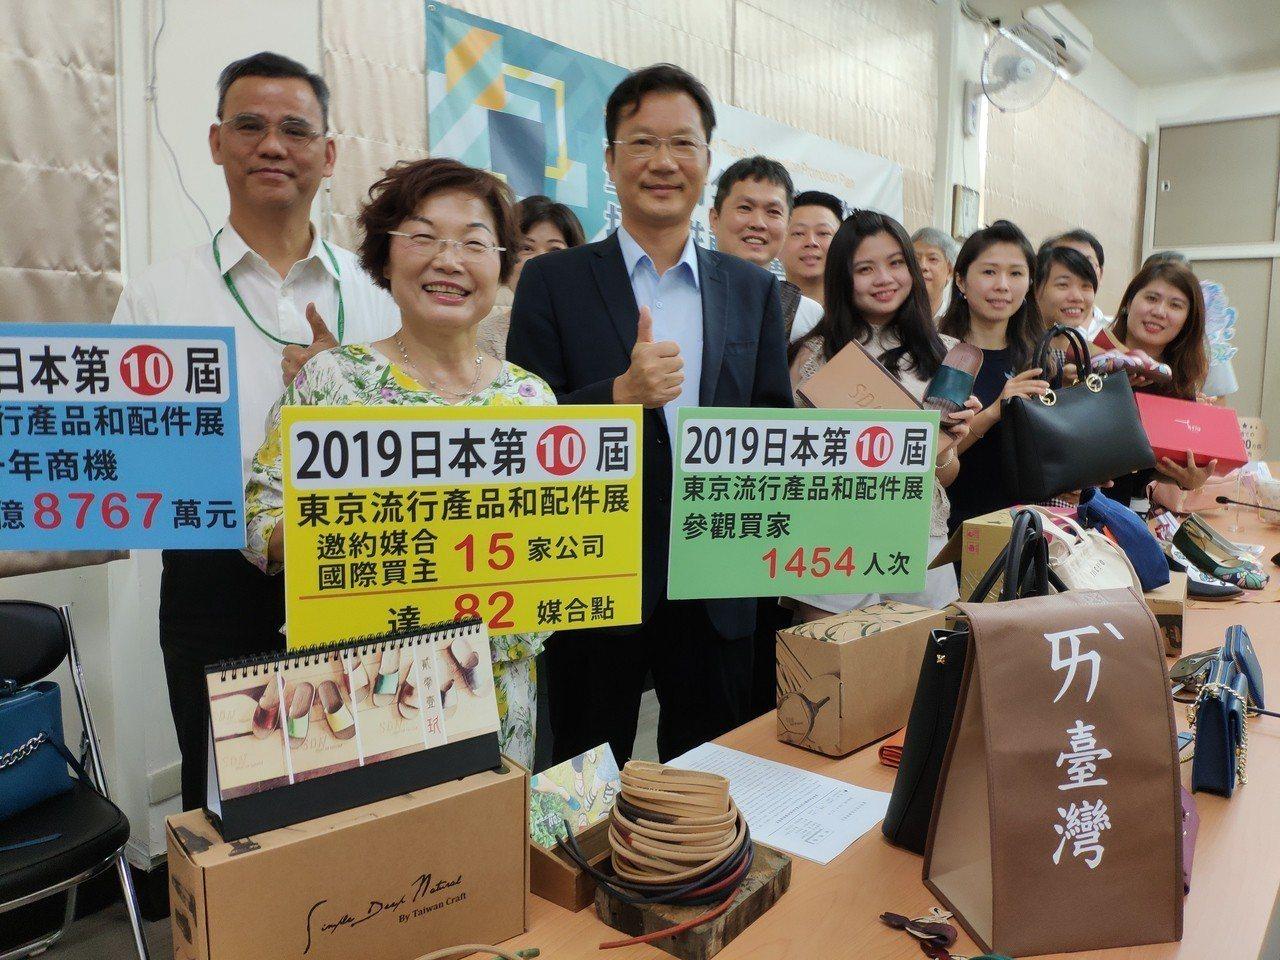 台南市政府經發局上月攜手業者前進東京拚經濟,今展現成果。記者謝進盛/攝影